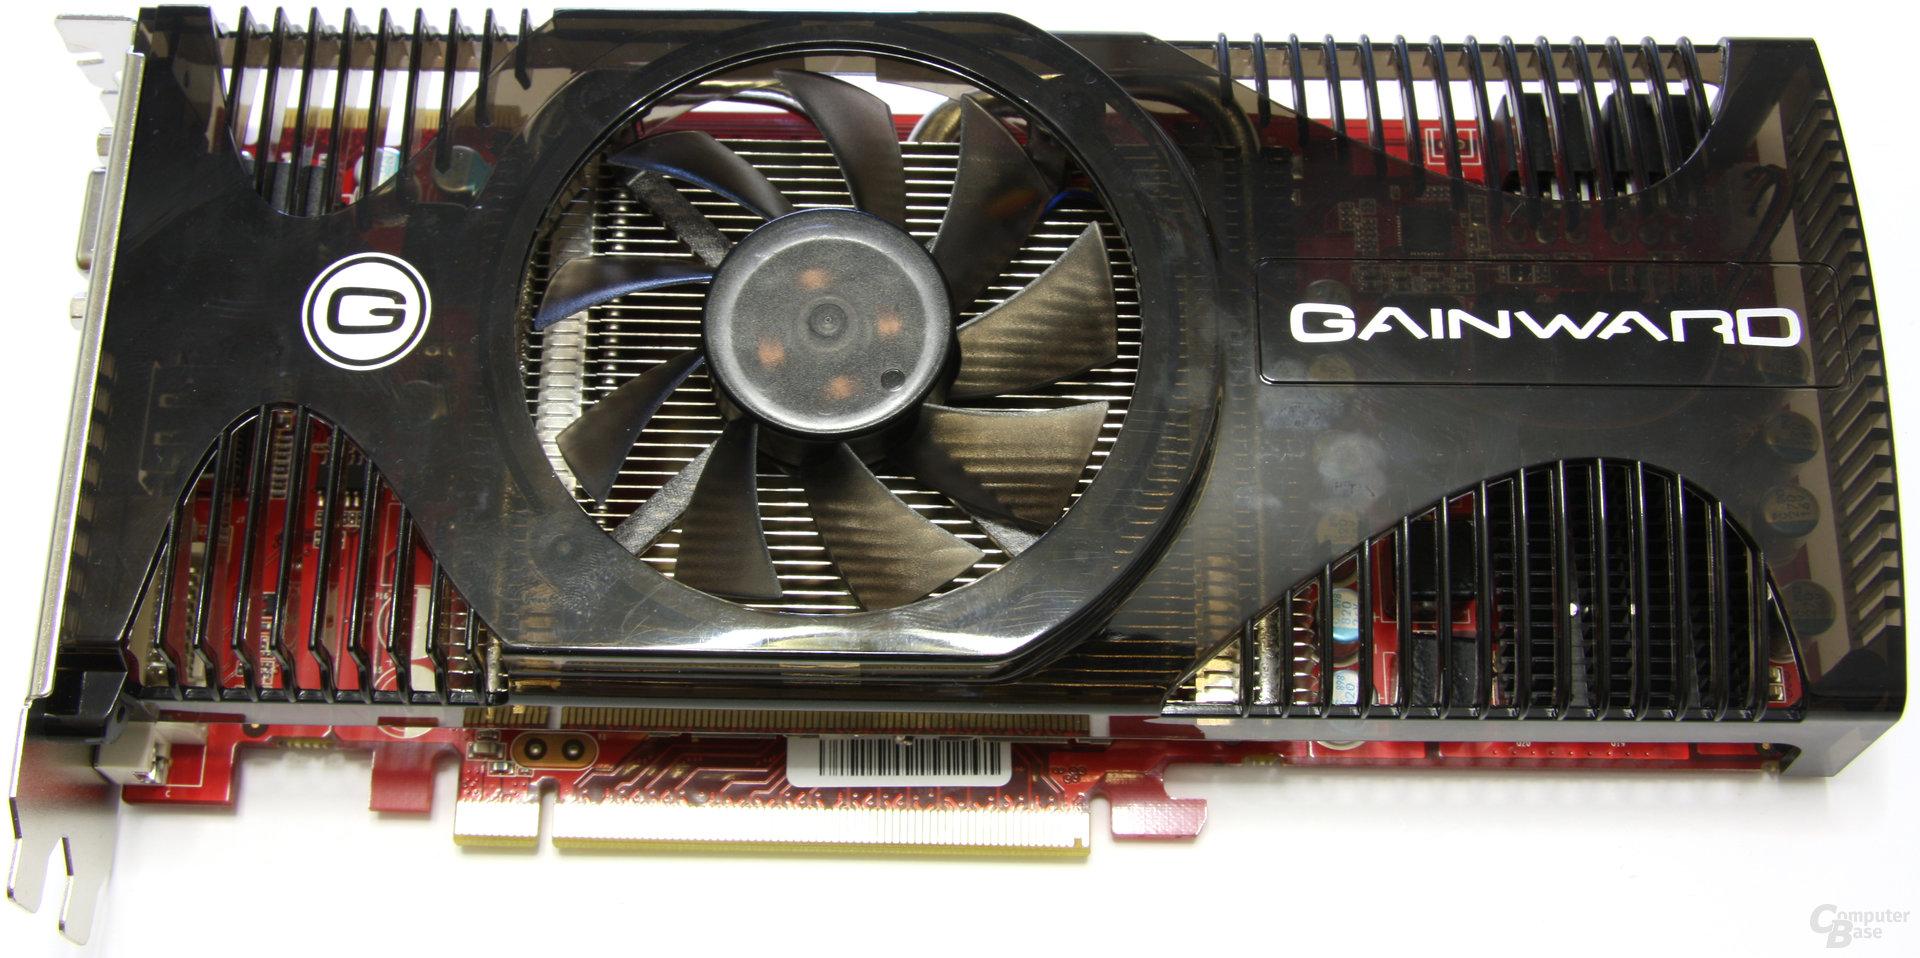 Gainward Radeon HD 4850 GS GLH